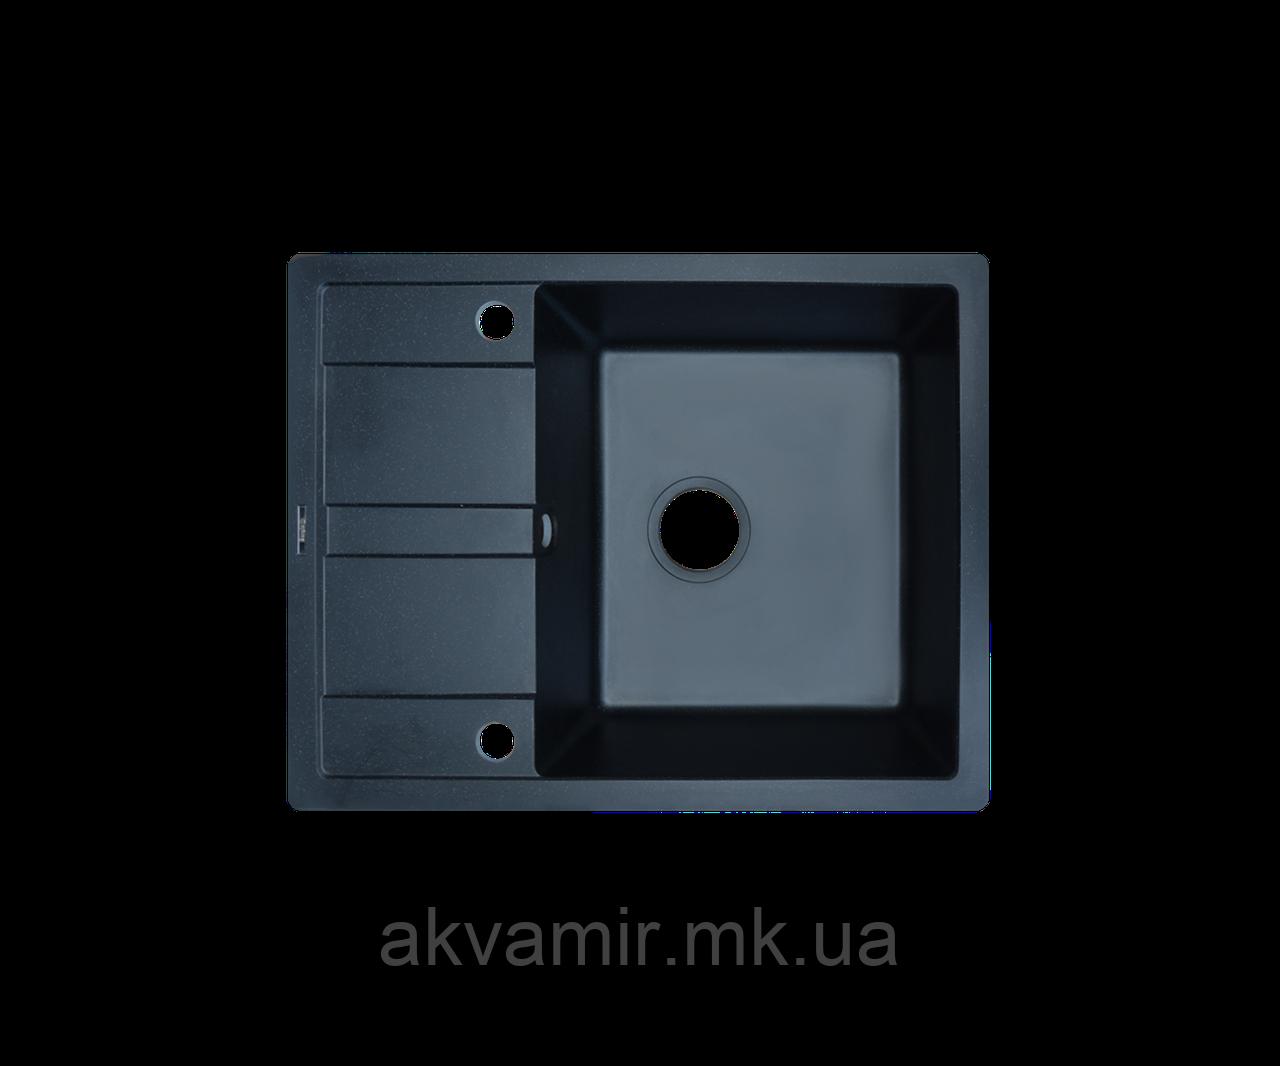 Кухонная мойка Borgio (гранит) PRC-620x435 (черный)